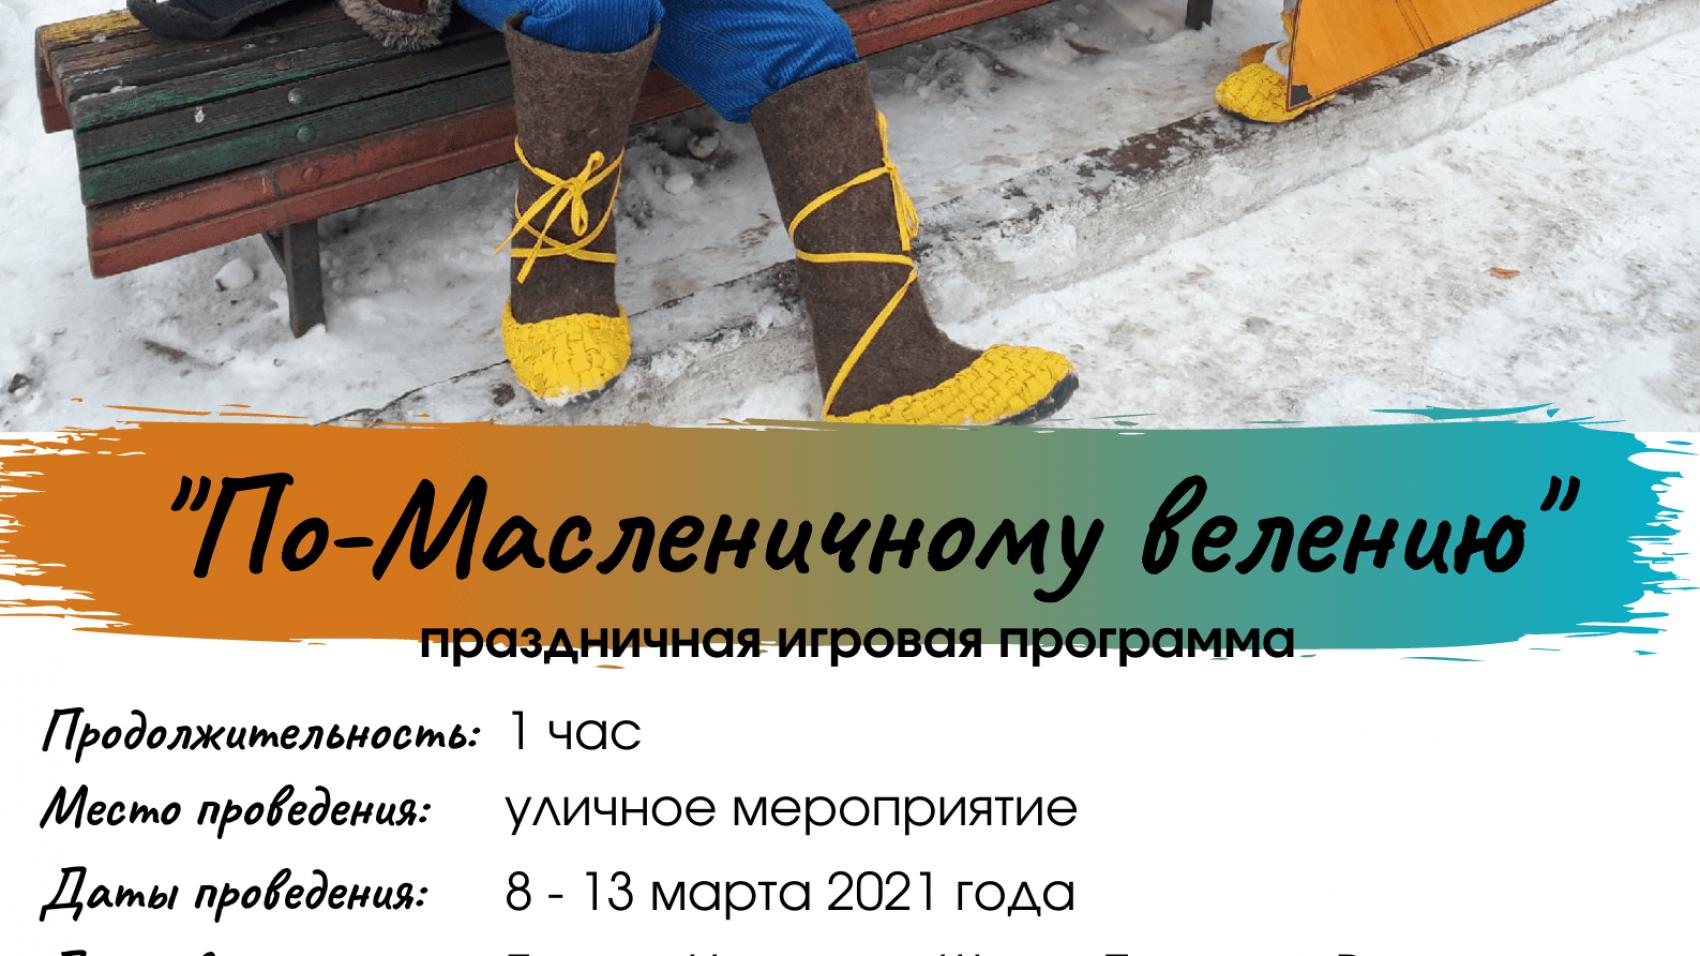 Po_maslenichnomu_veleniyu_v_set-1-1